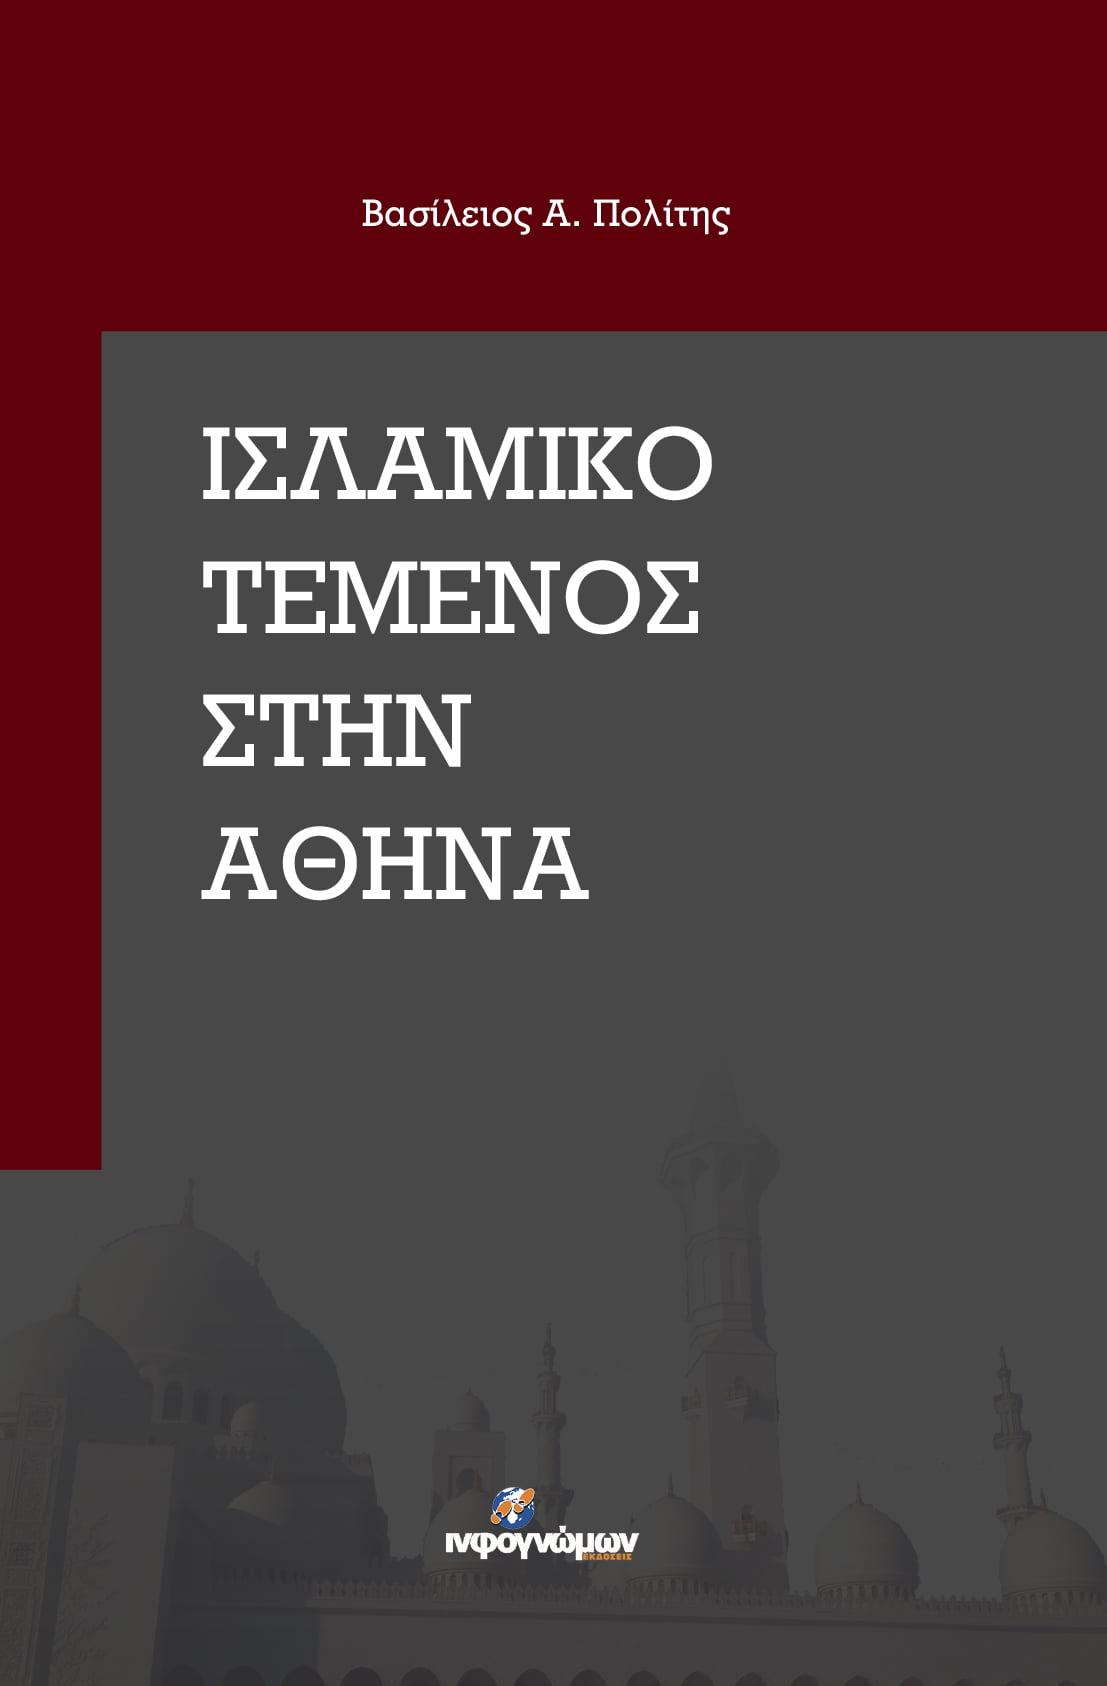 """Νέα έκδοση: """"Ισλαμικό τέμενος στην Αθήνα"""""""